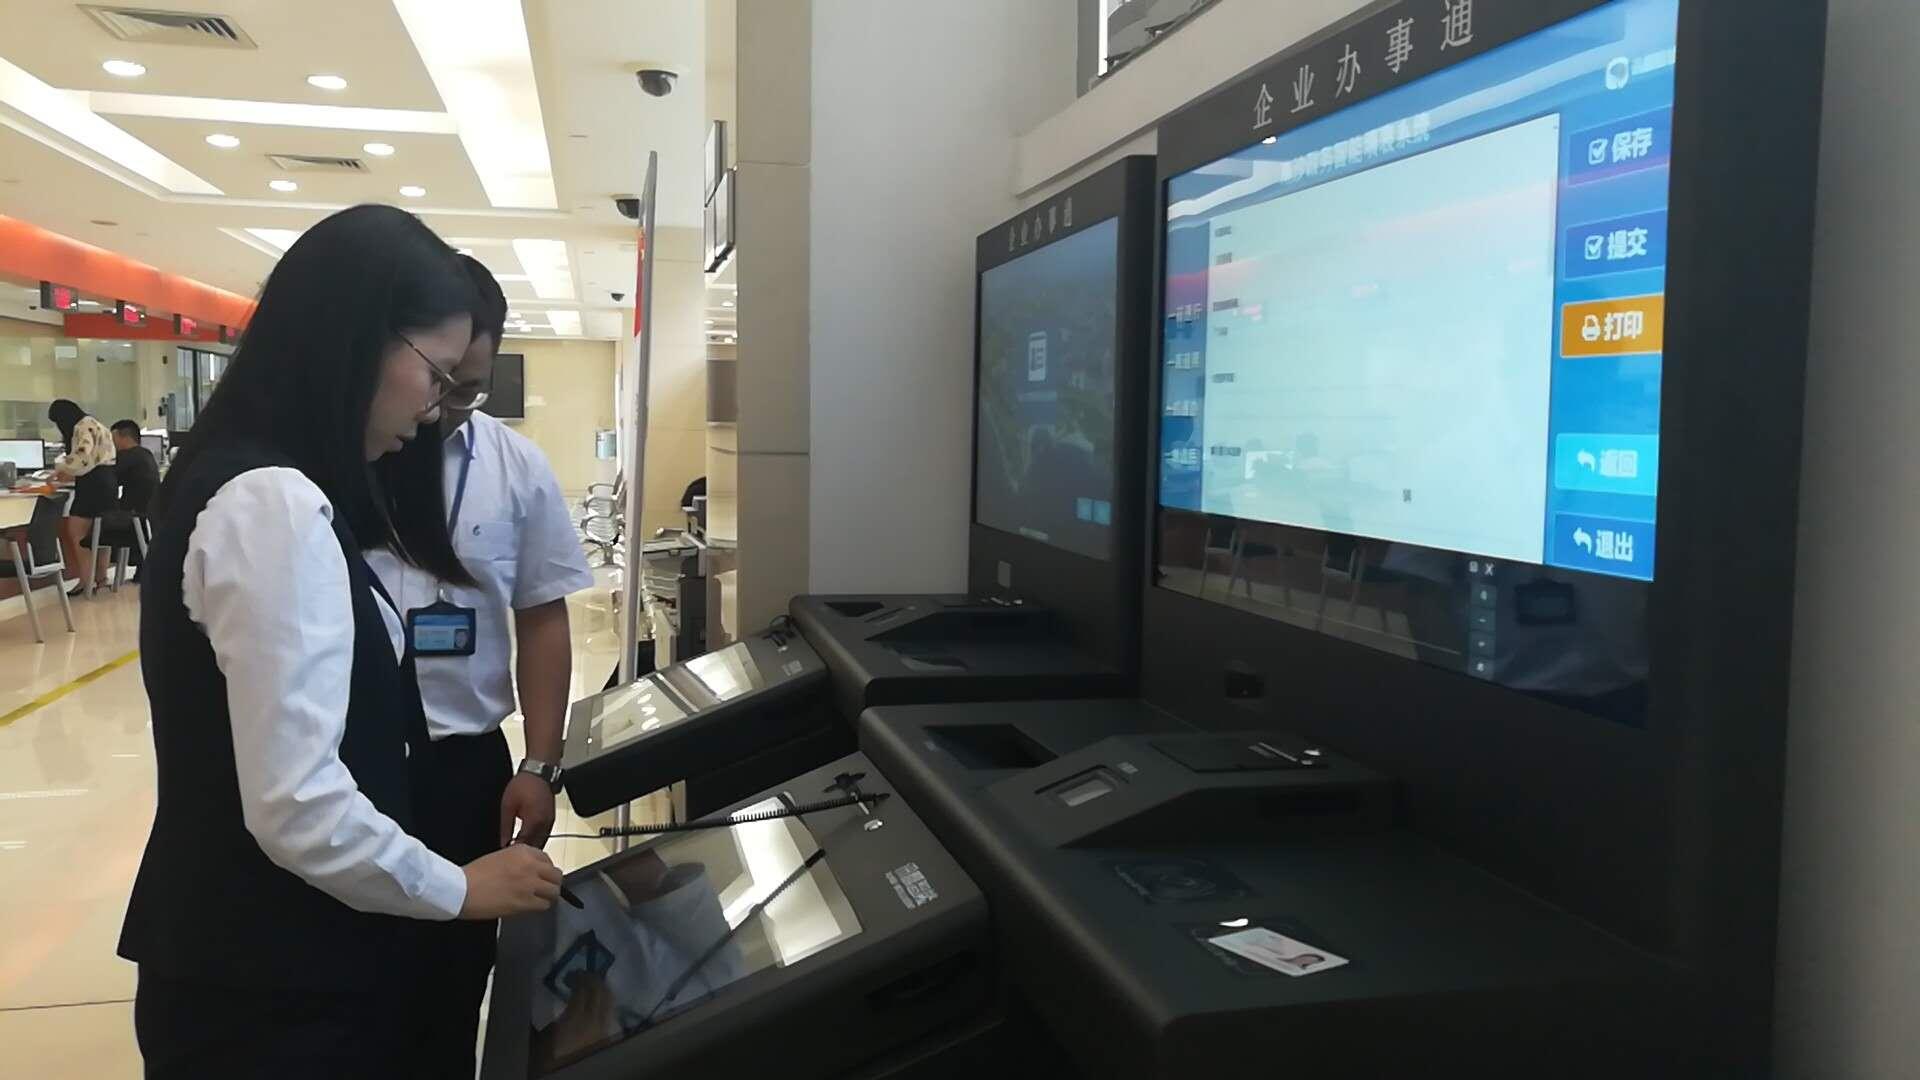 触摸屏一体机|触摸查询一体机|排队叫号机|无线排队叫号机|多媒体一体机|触摸查询软件|触摸查询系统|排队叫号系统|表面声波屏|红外触摸屏|车管终端机|人机界面|社保终端机|查询机|智能自助终端|社保自助终端机|医疗自助服务终端